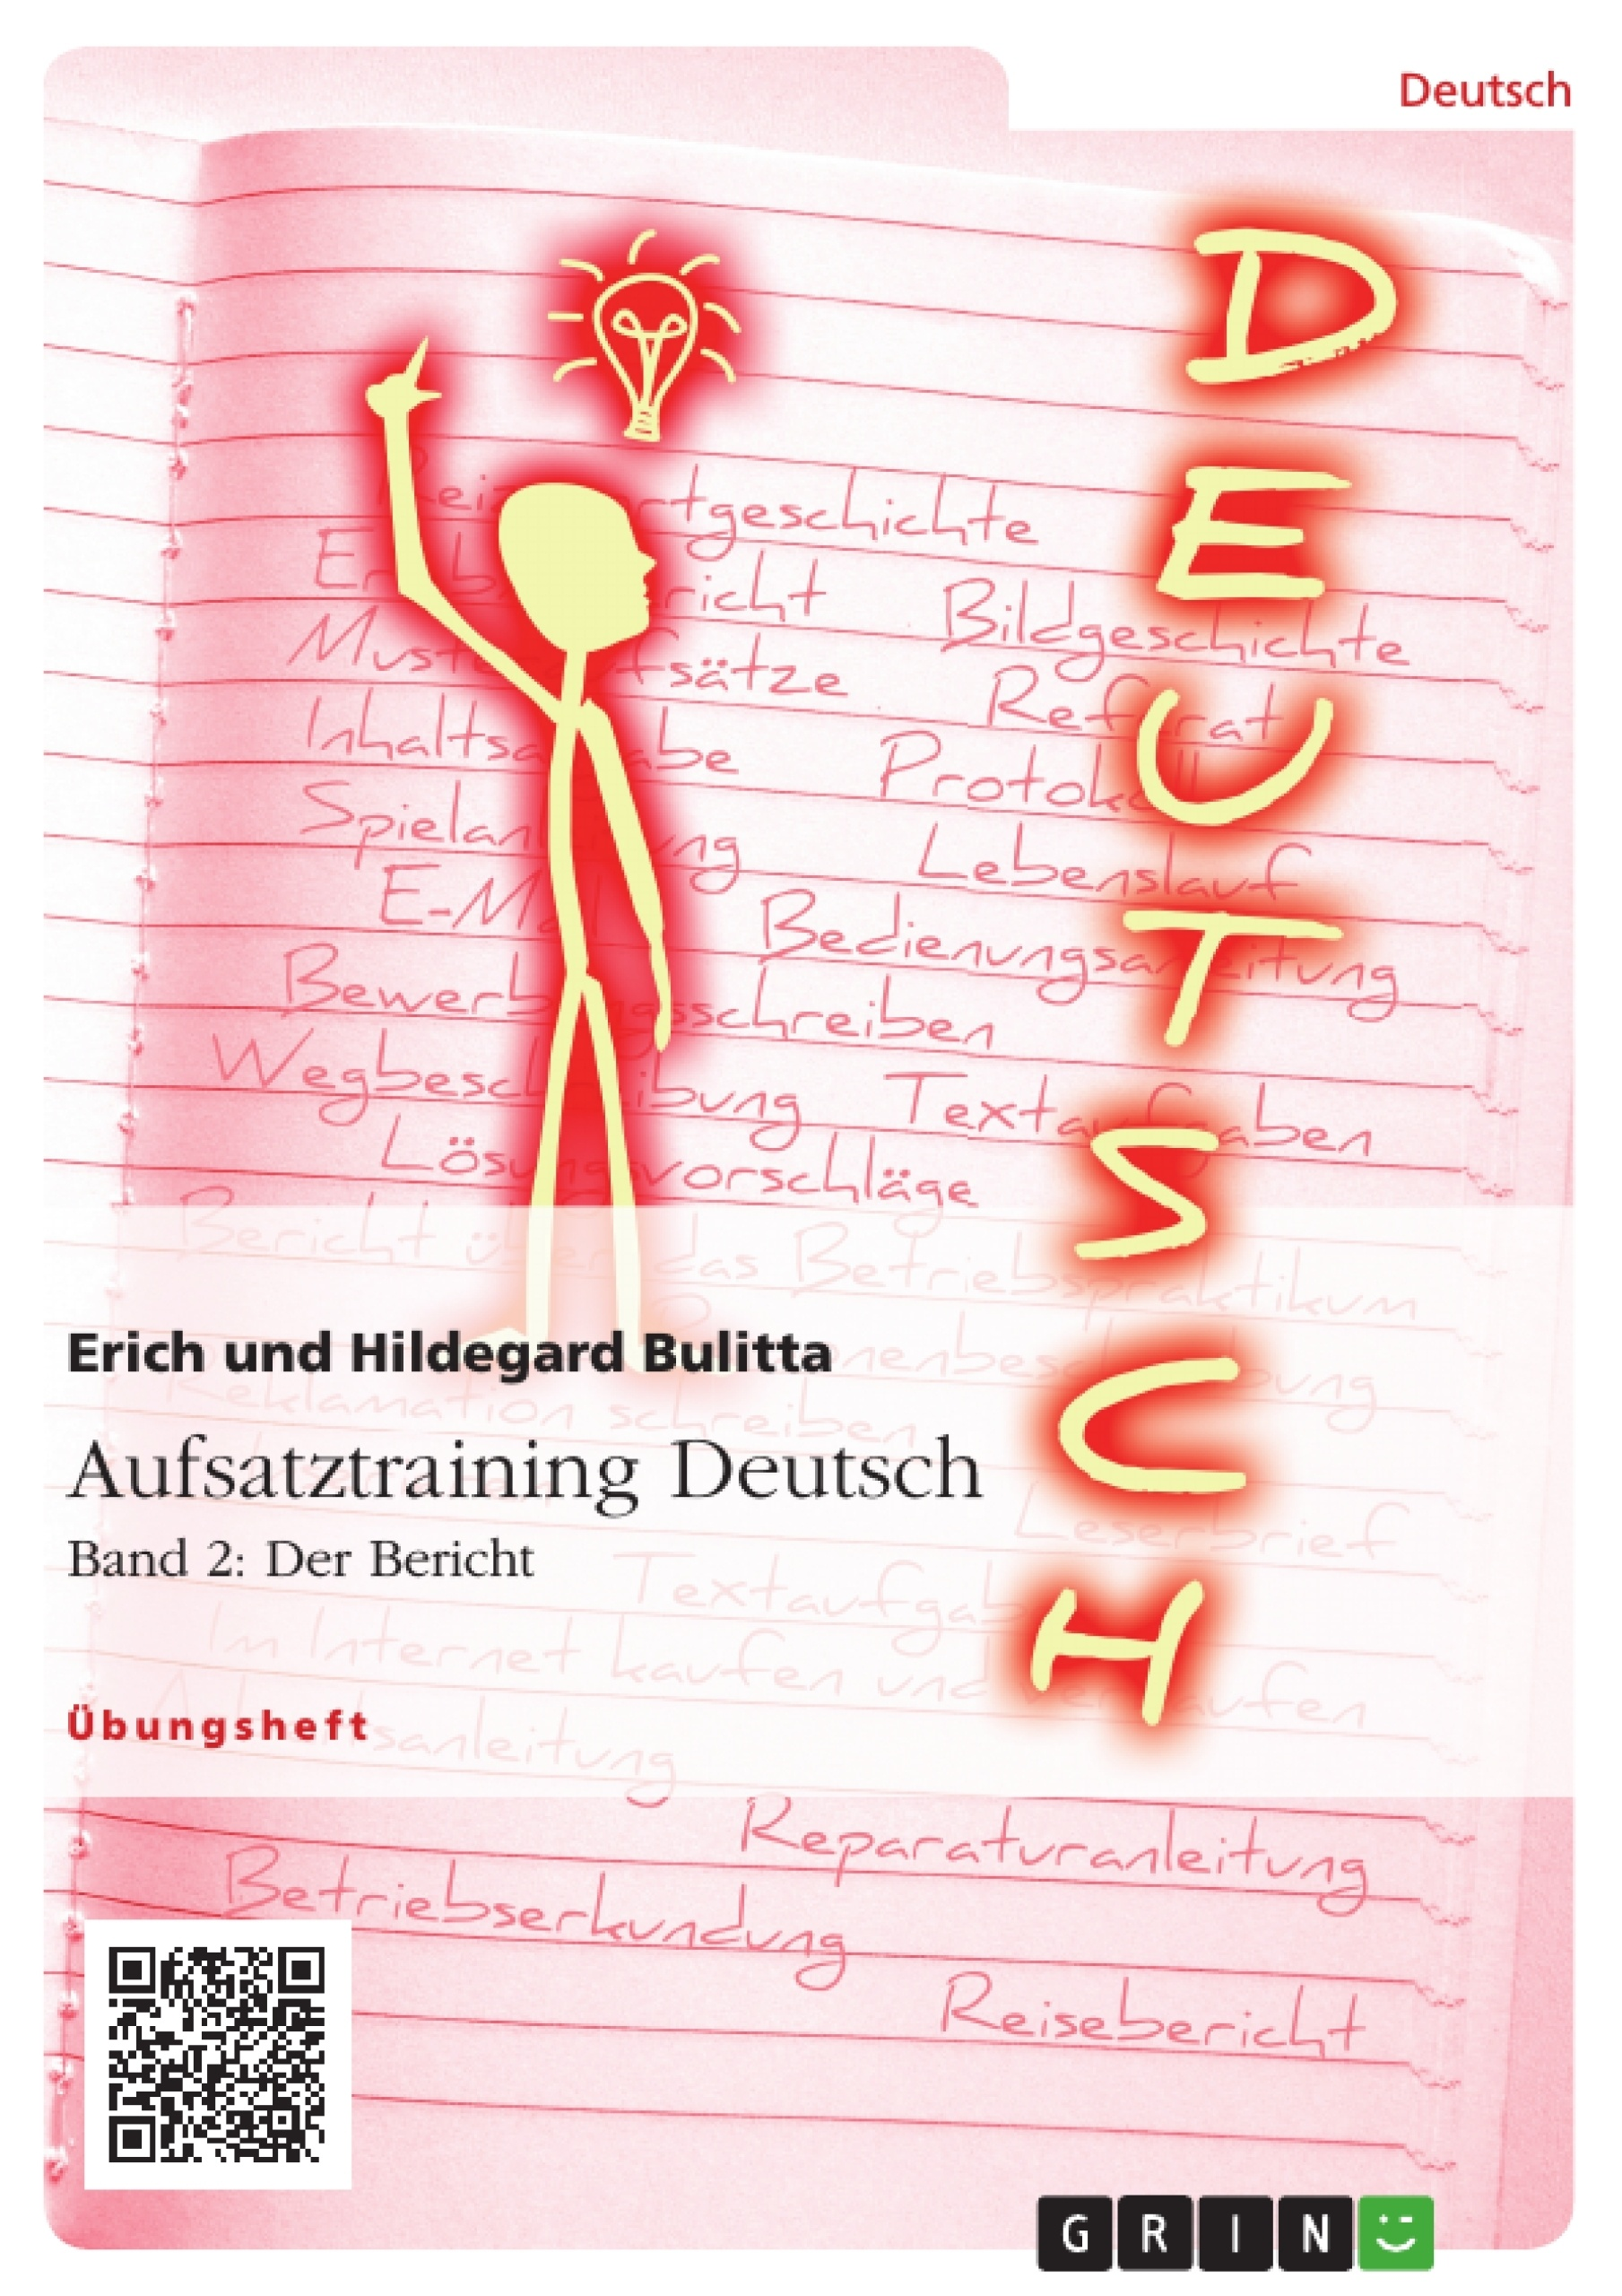 Aufsatztraining Deutsch - Band 2: Der Bericht | Masterarbeit ...